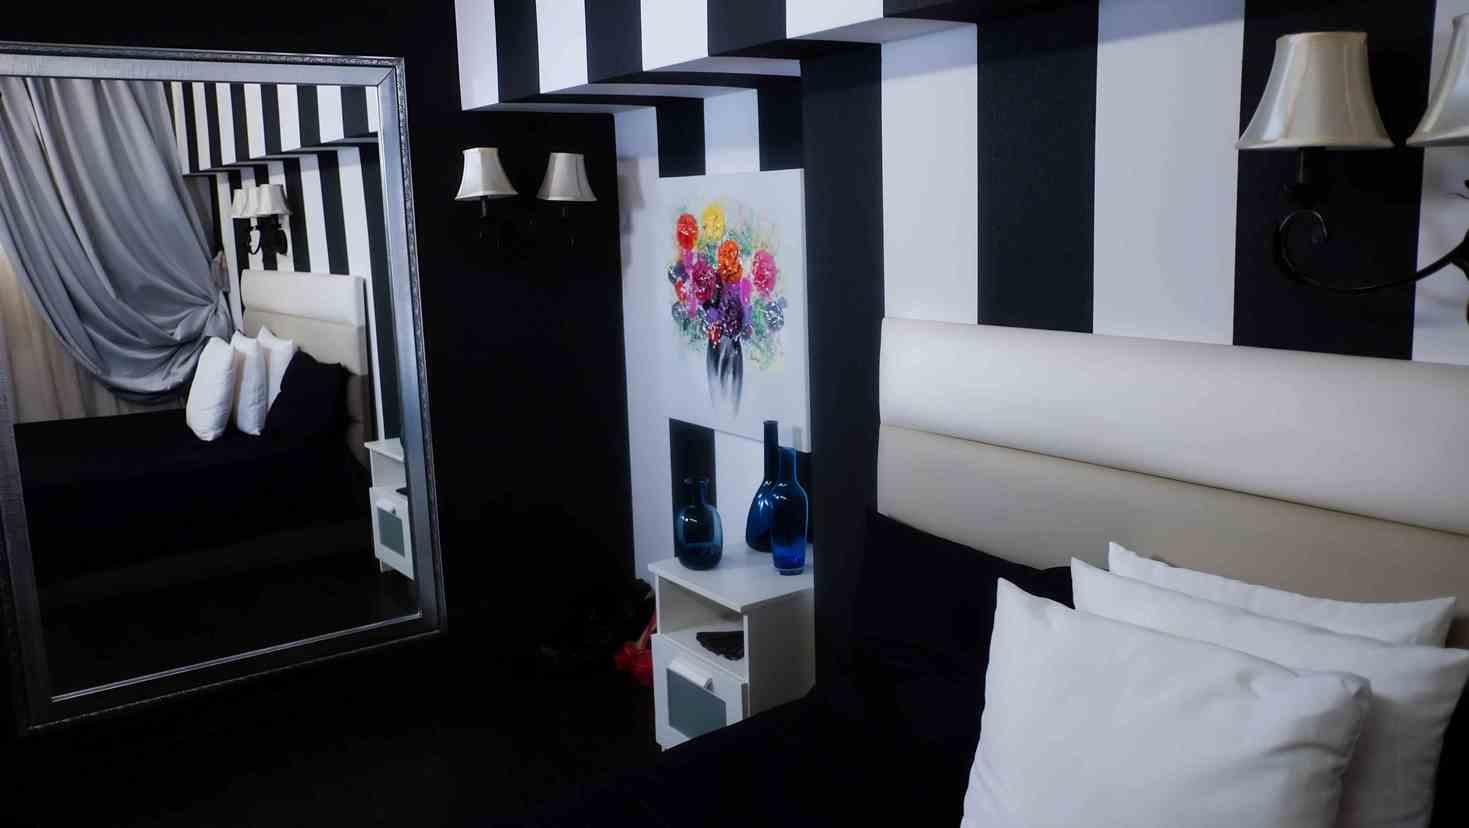 Decoruri de lux, numai la Dream Studio Bucuresti - cel mai serios studio de videochat - Glamour 24